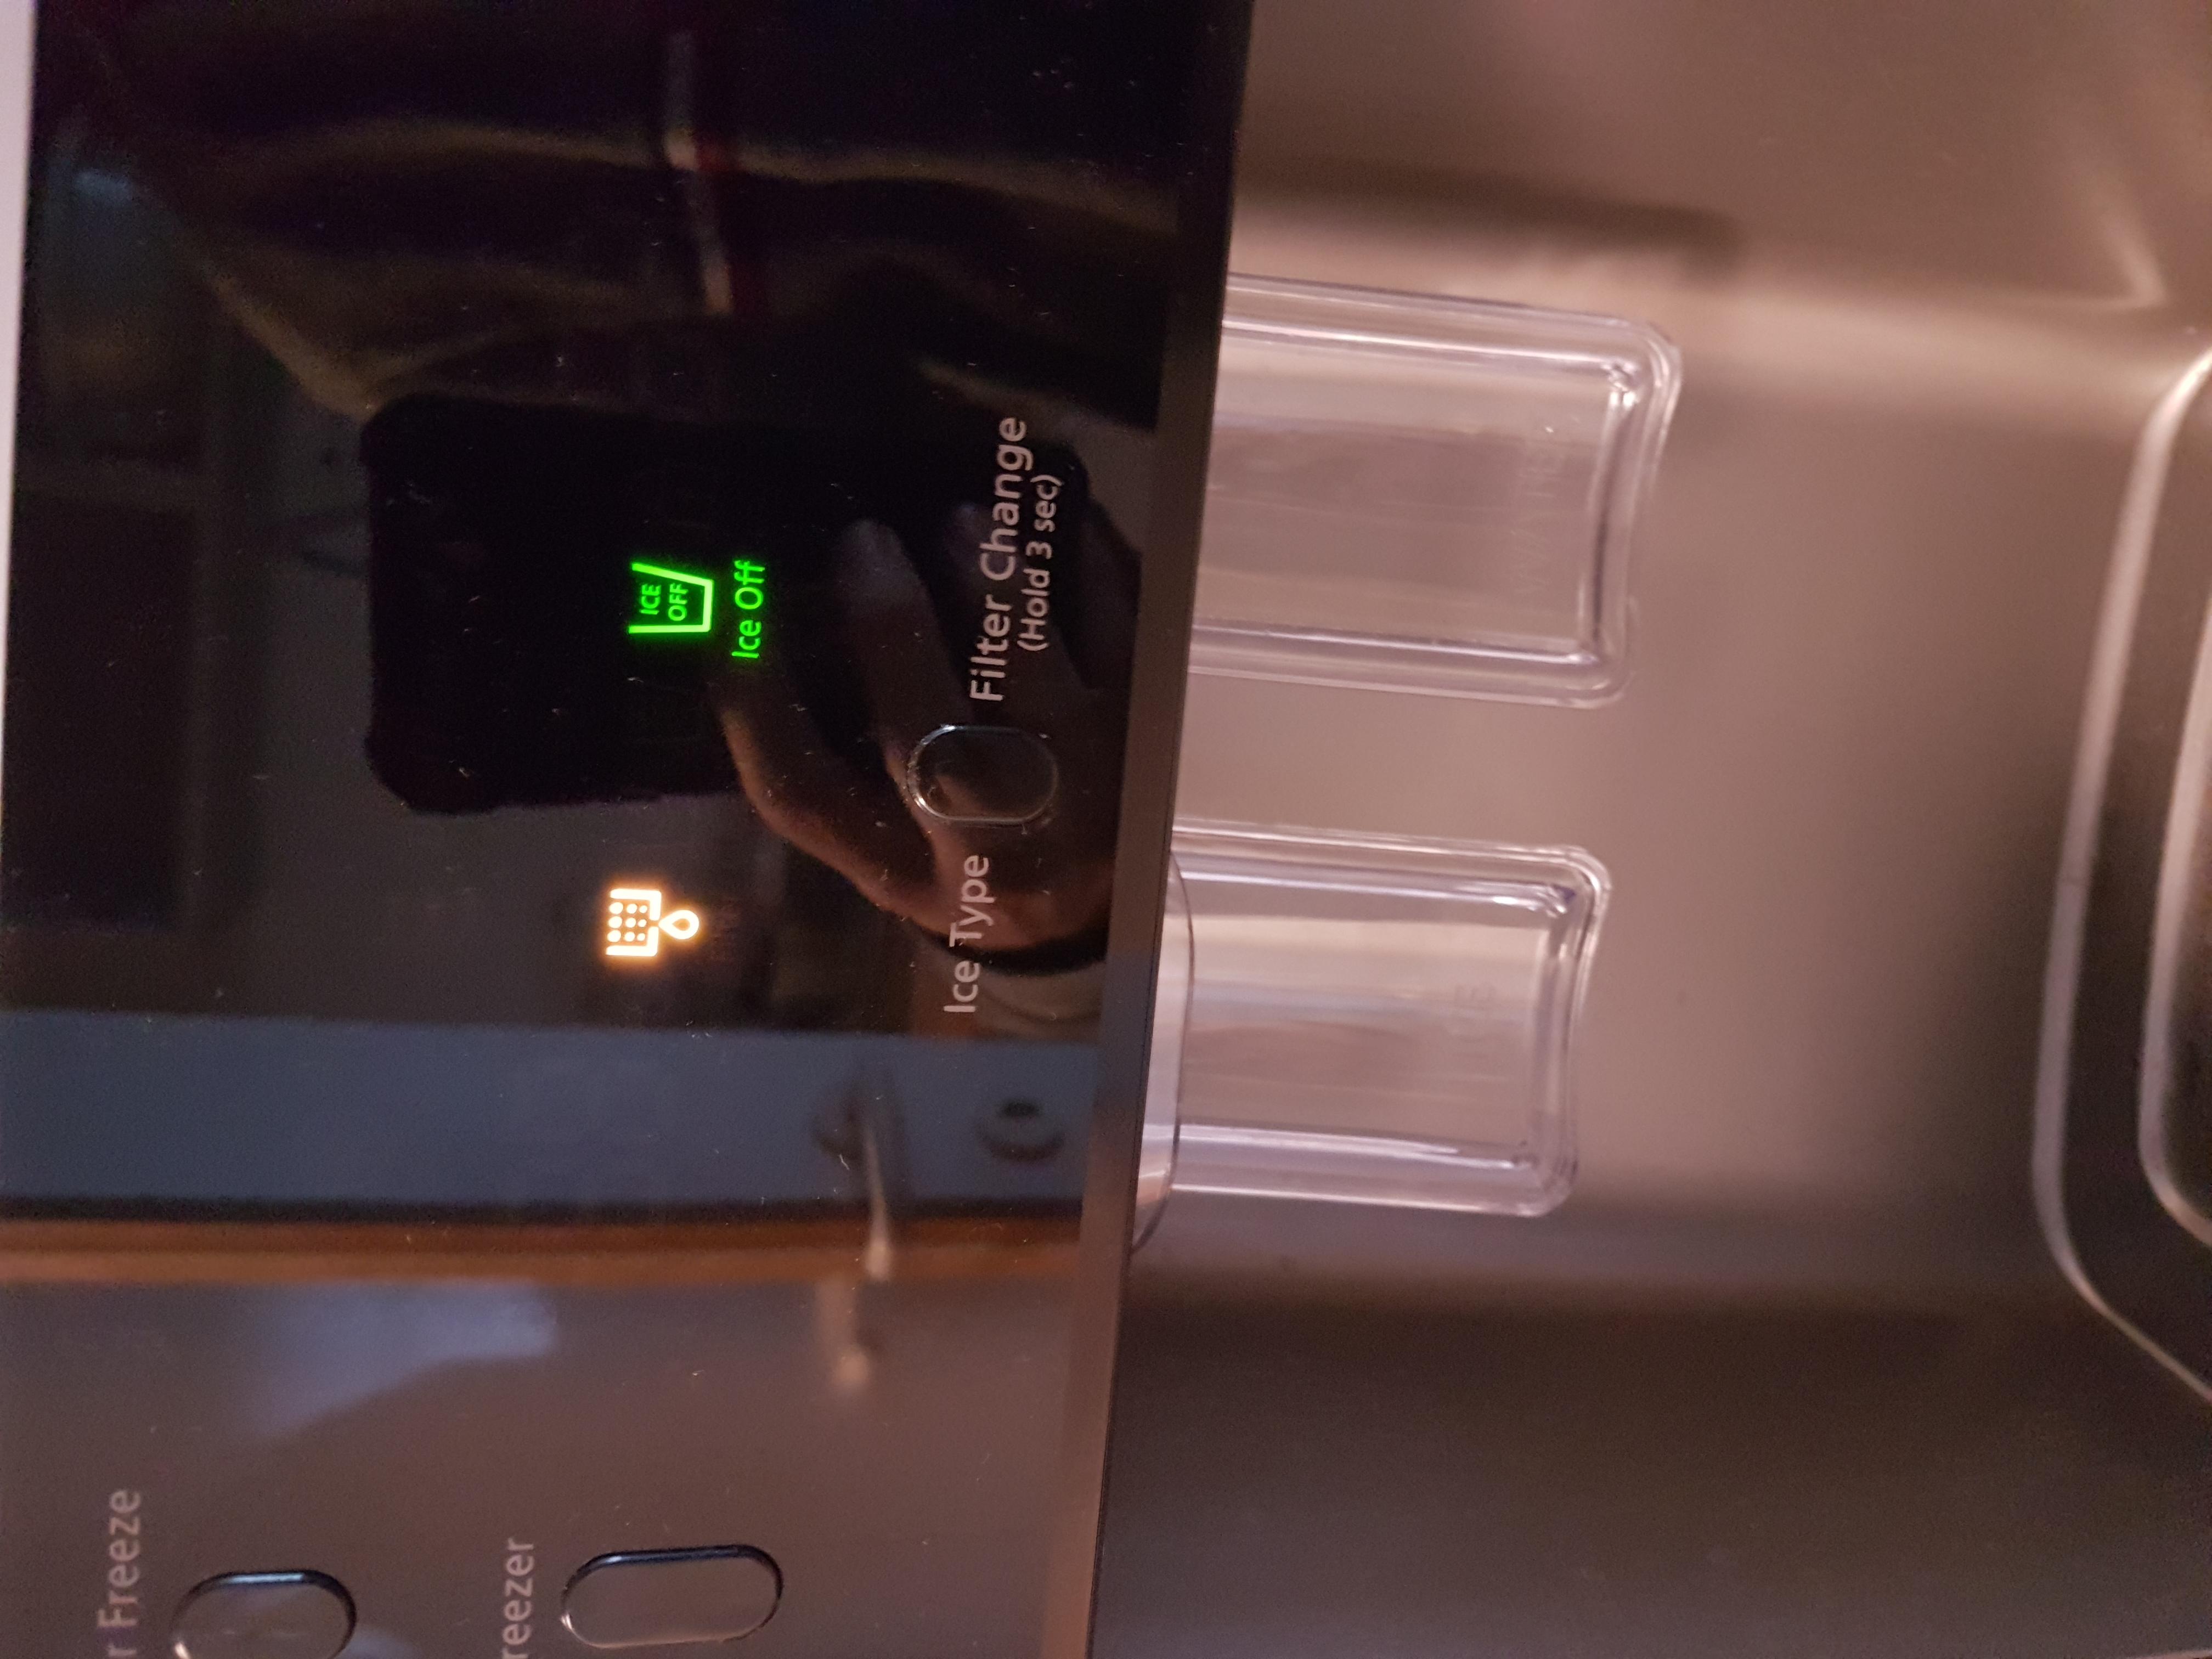 Kühlschrank Filter Samsung : Samsung kühlschrank filteranzeige orange handy küche licht